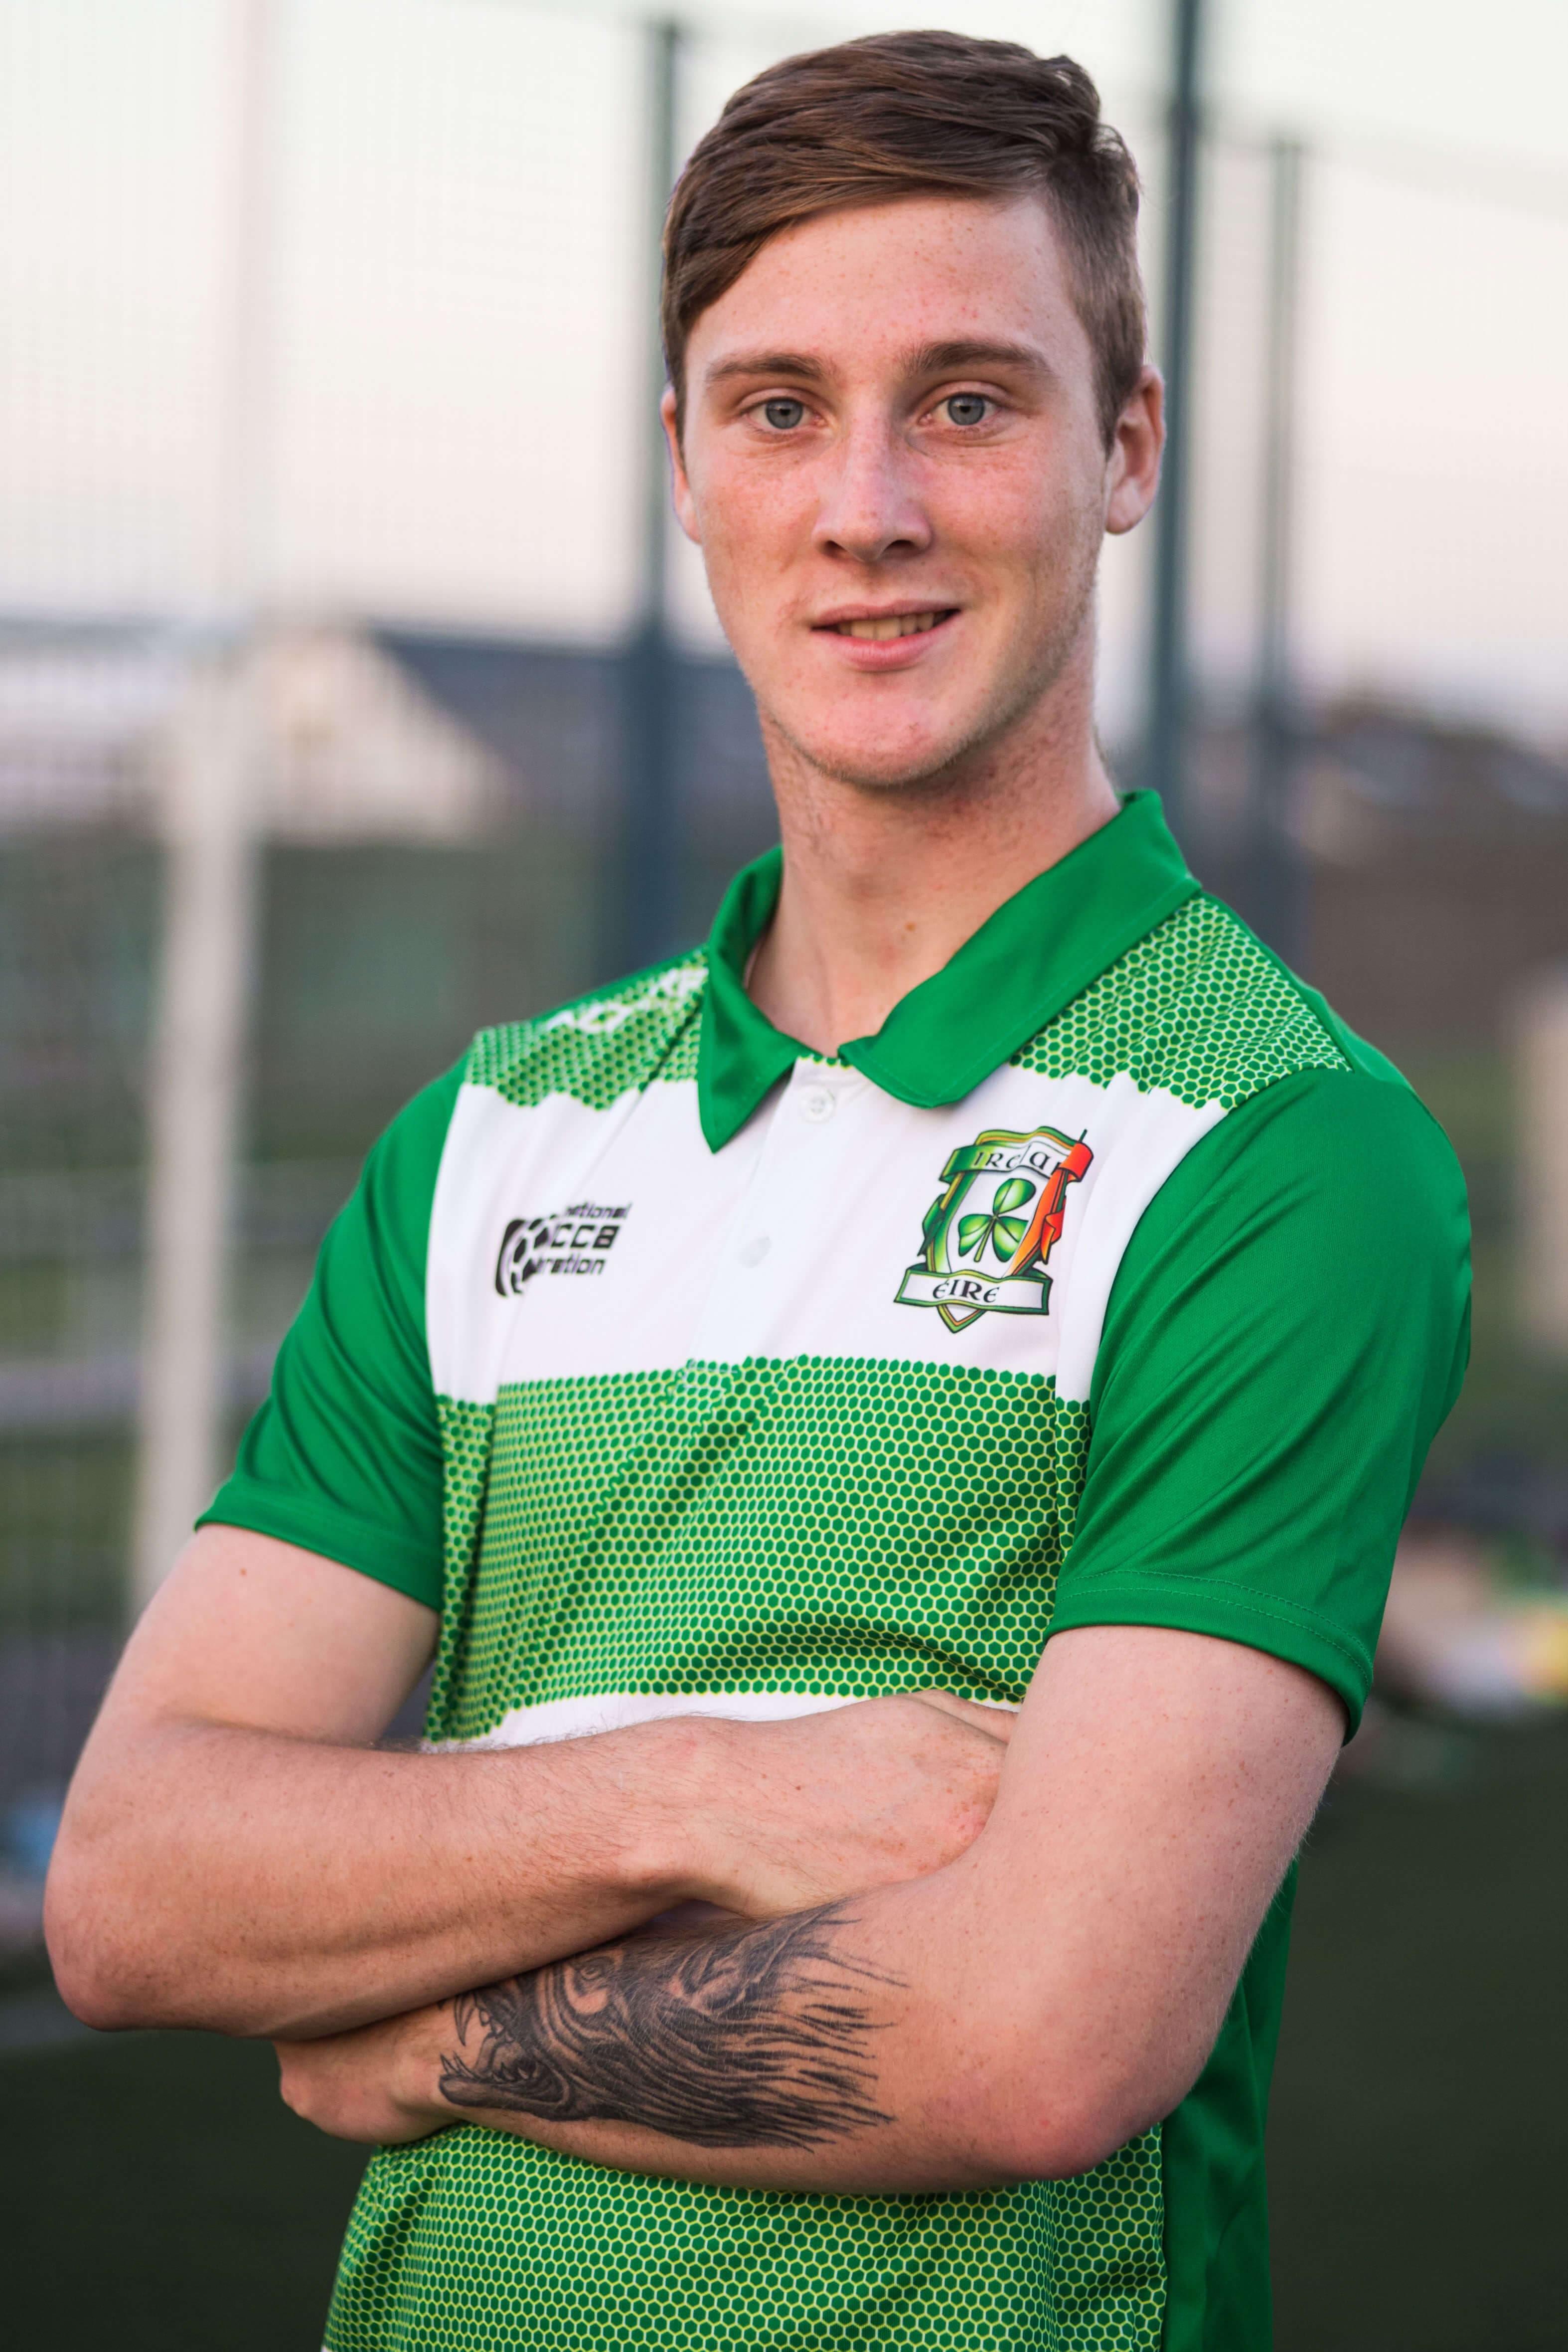 Ryan Delaney